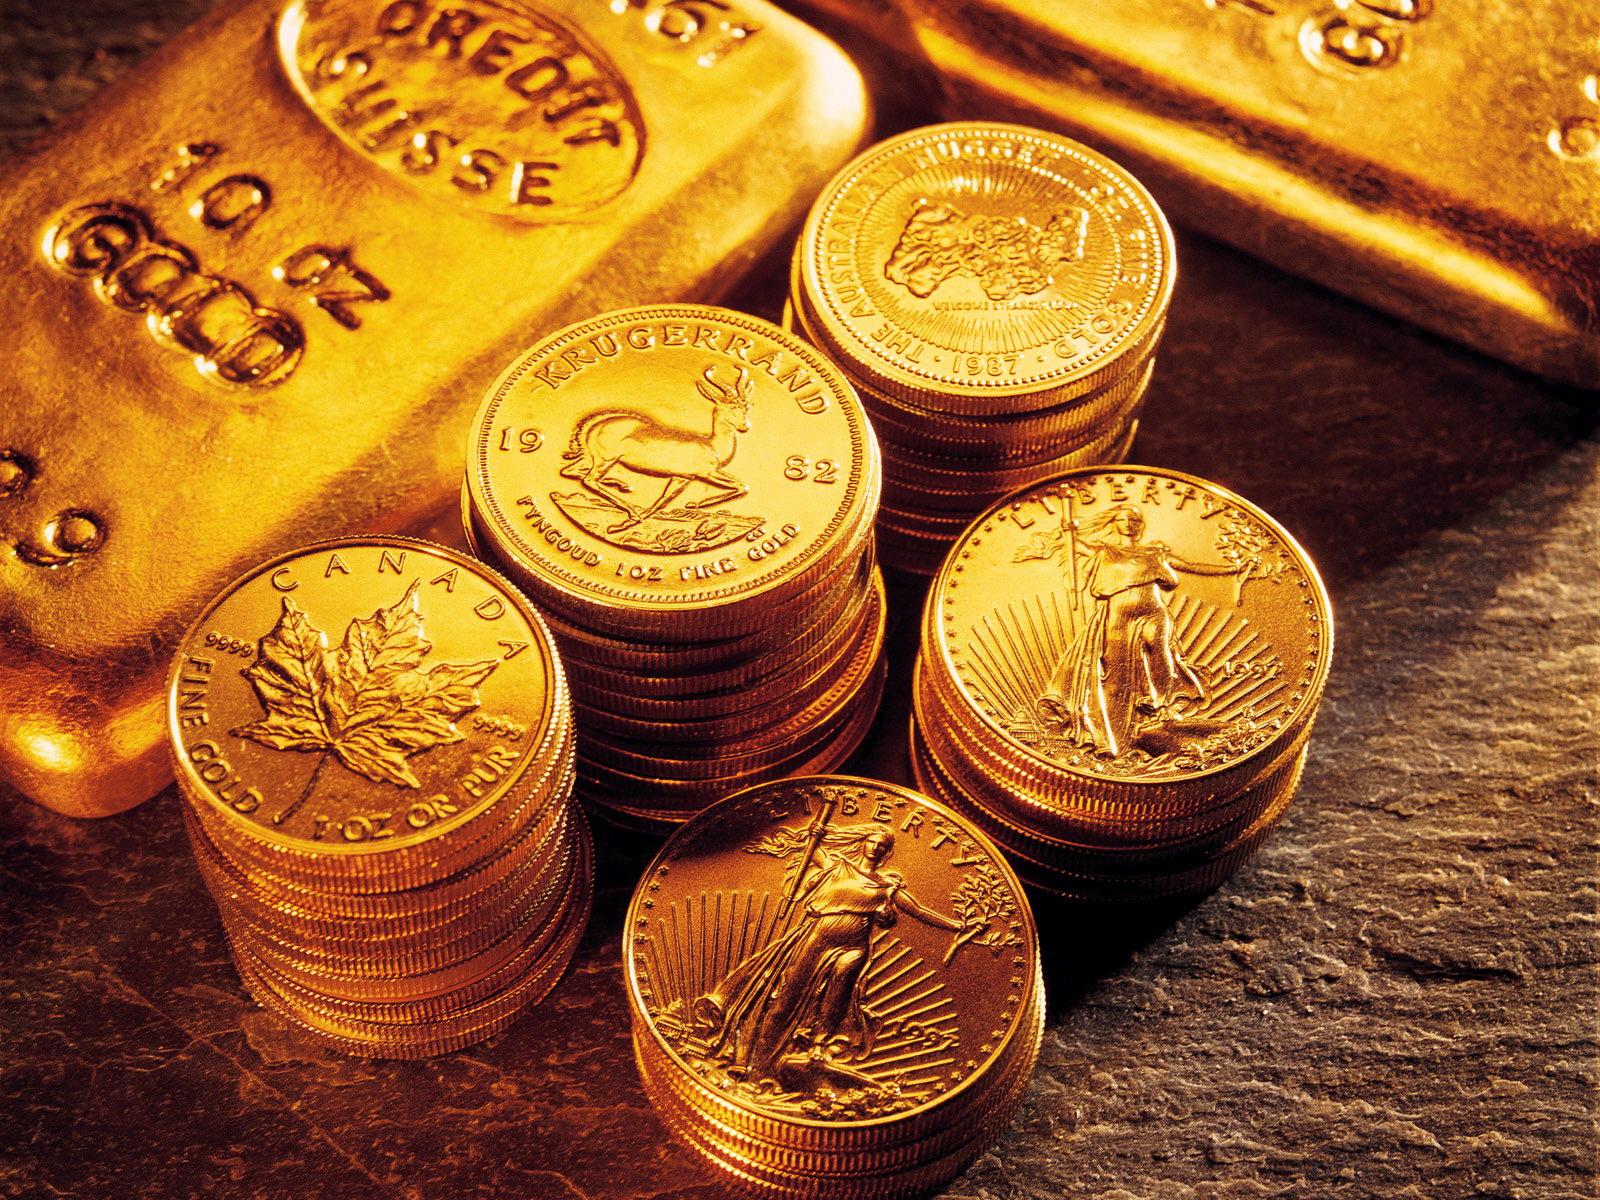 Giá vàng hôm nay 18/8: Tiếp tục giảm nhẹ vì áp lực từ đồng USD mạnh